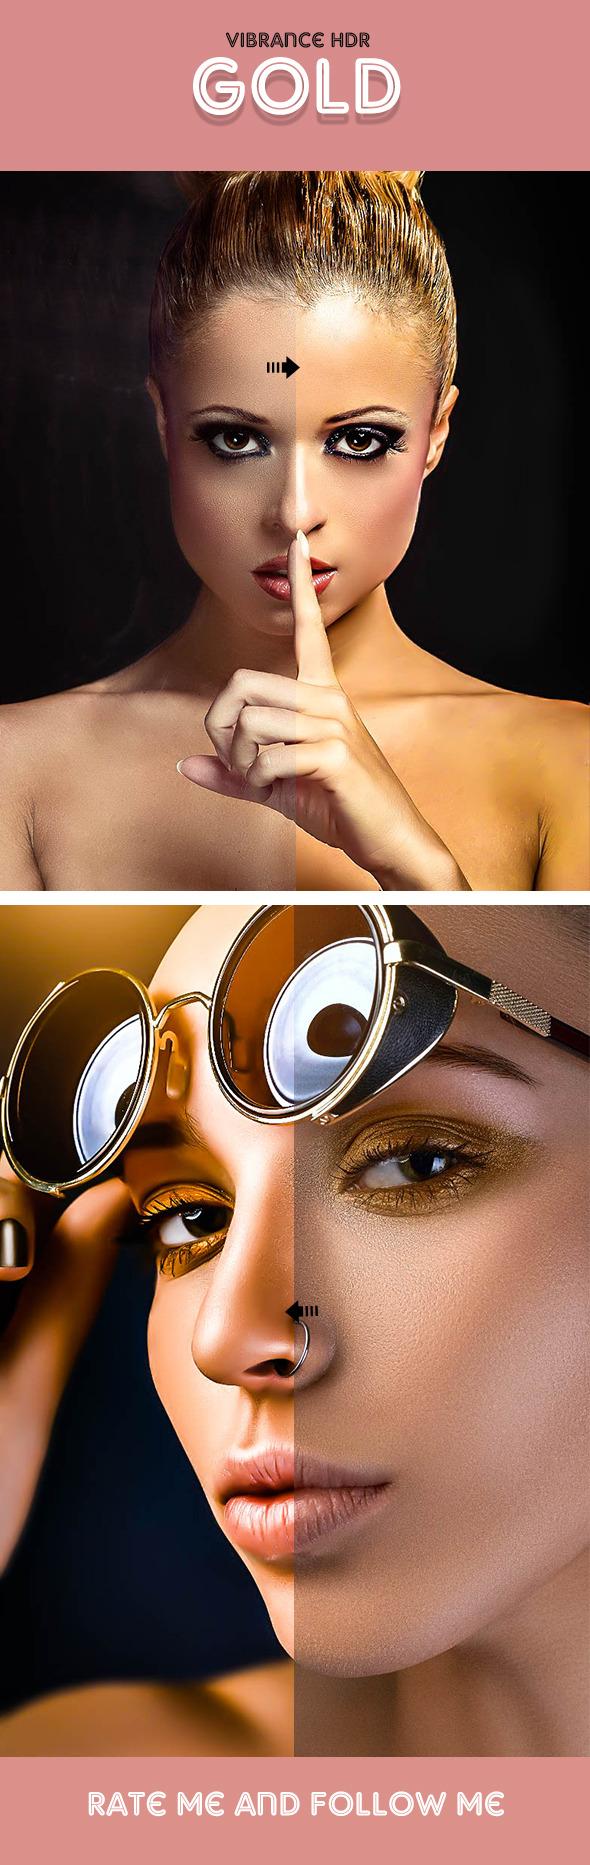 GraphicRiver Vibrance HDR Gold Lightroom Preset 11110881